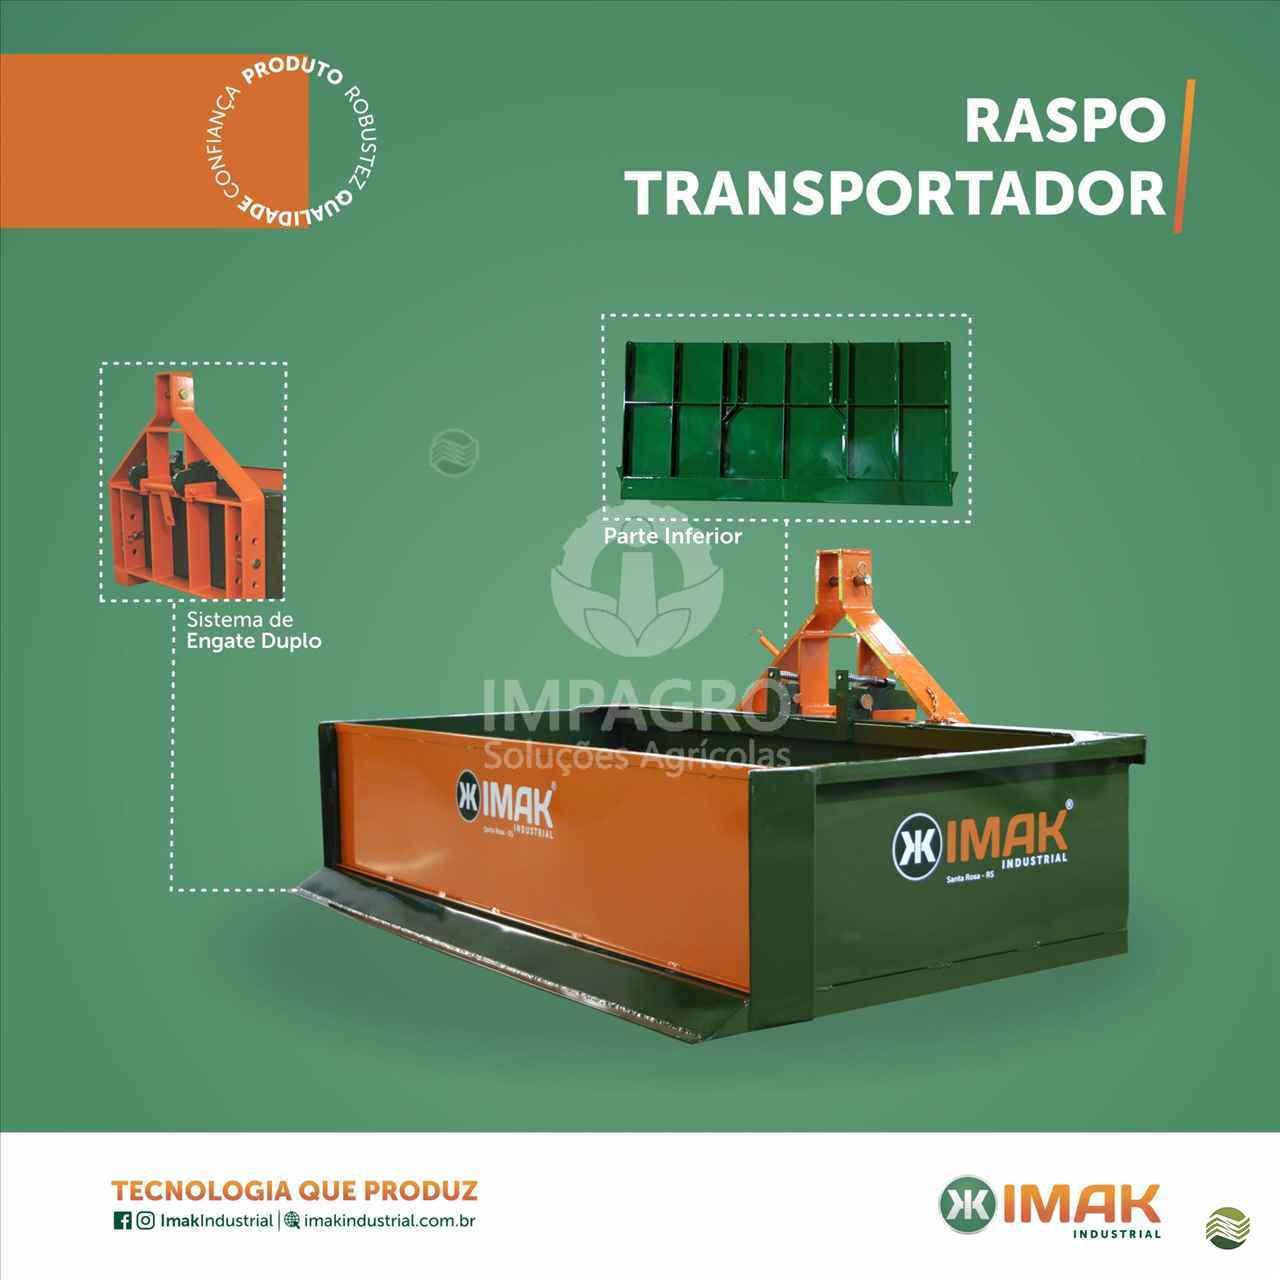 IMPLEMENTOS AGRICOLAS PLATAFORMA PARA TRATOR BASCULANTE RASPADEIRA Impagro Soluções Agrícolas AJURICABA RIO GRANDE DO SUL RS